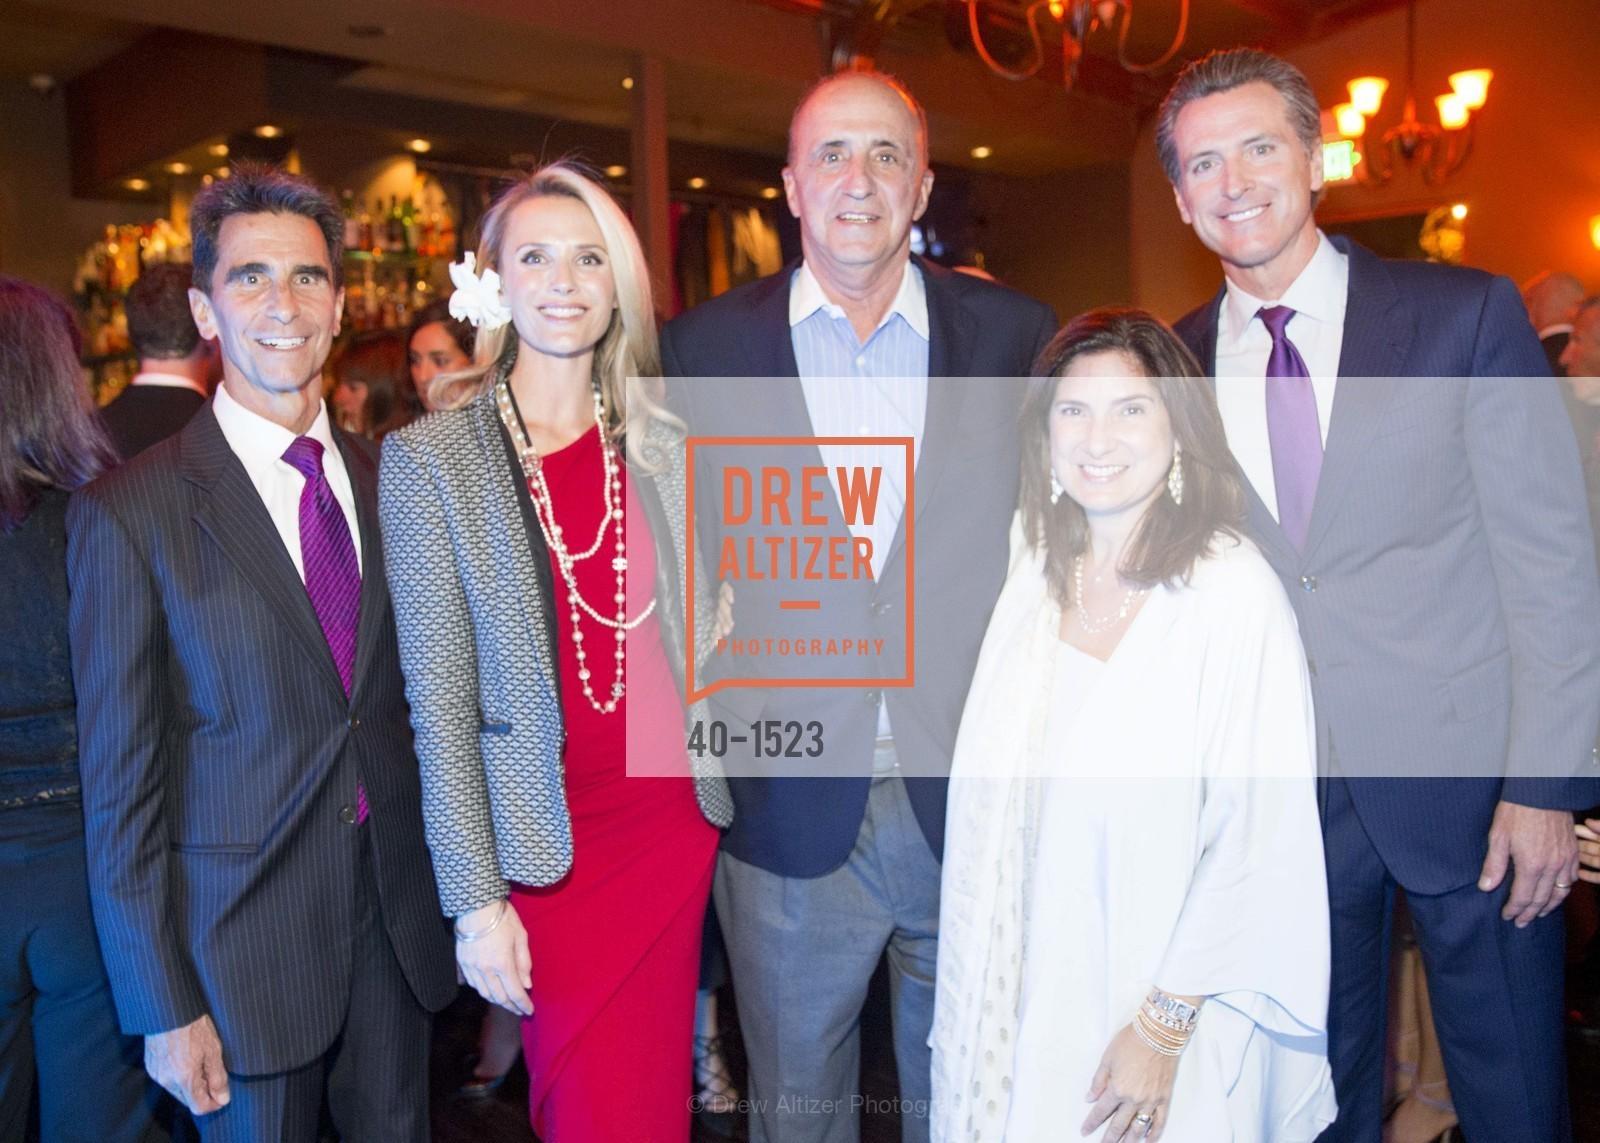 Gavin Newsom, Jennifer Siebel Newsom, John Scully, Regina Scully, Mark Leno, Photo #40-1523